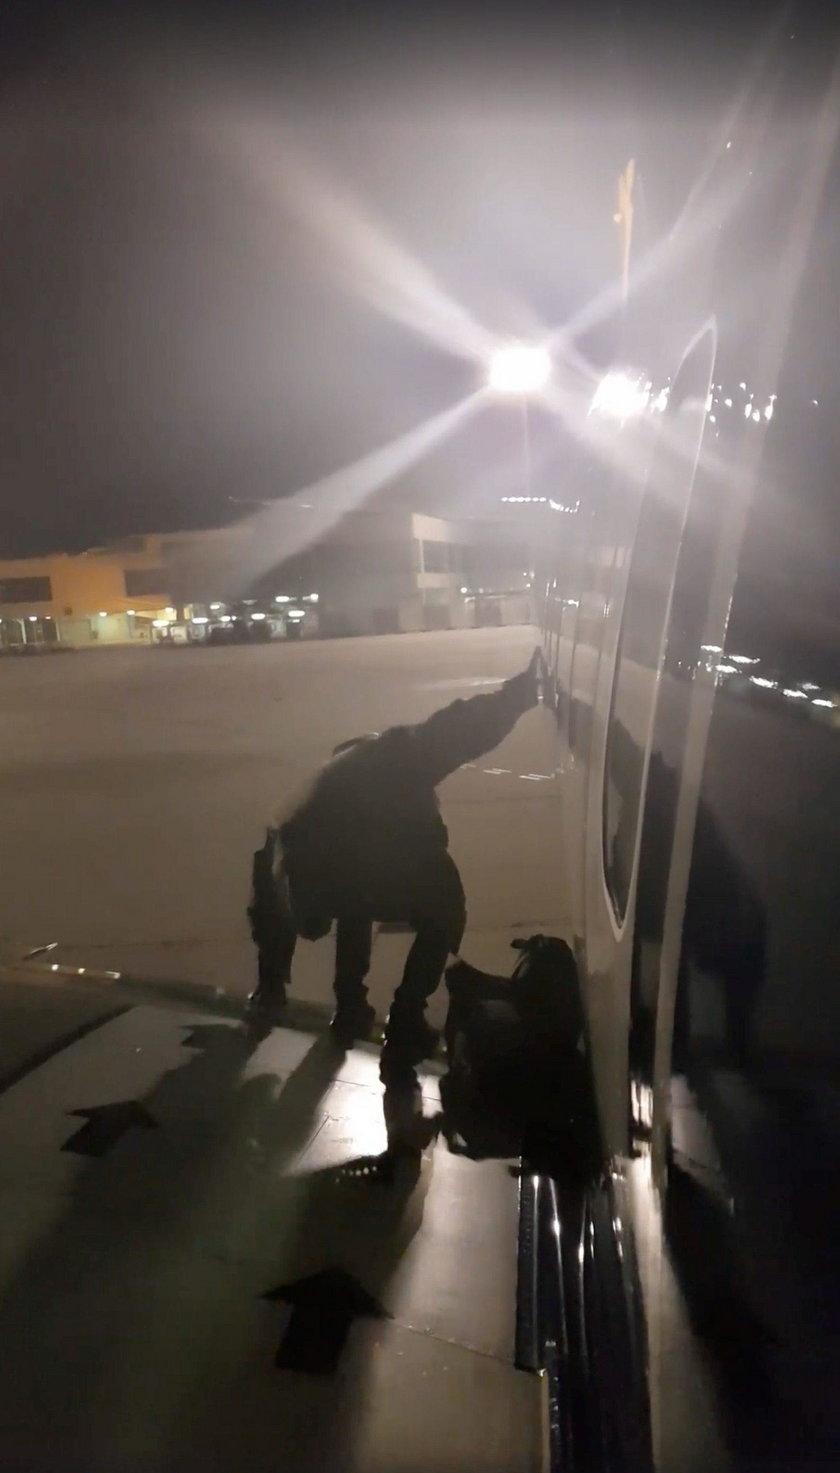 Polak opuścił samolot skrzydłem. Grozi mu ogromna grzywna, ale może jej uniknąć